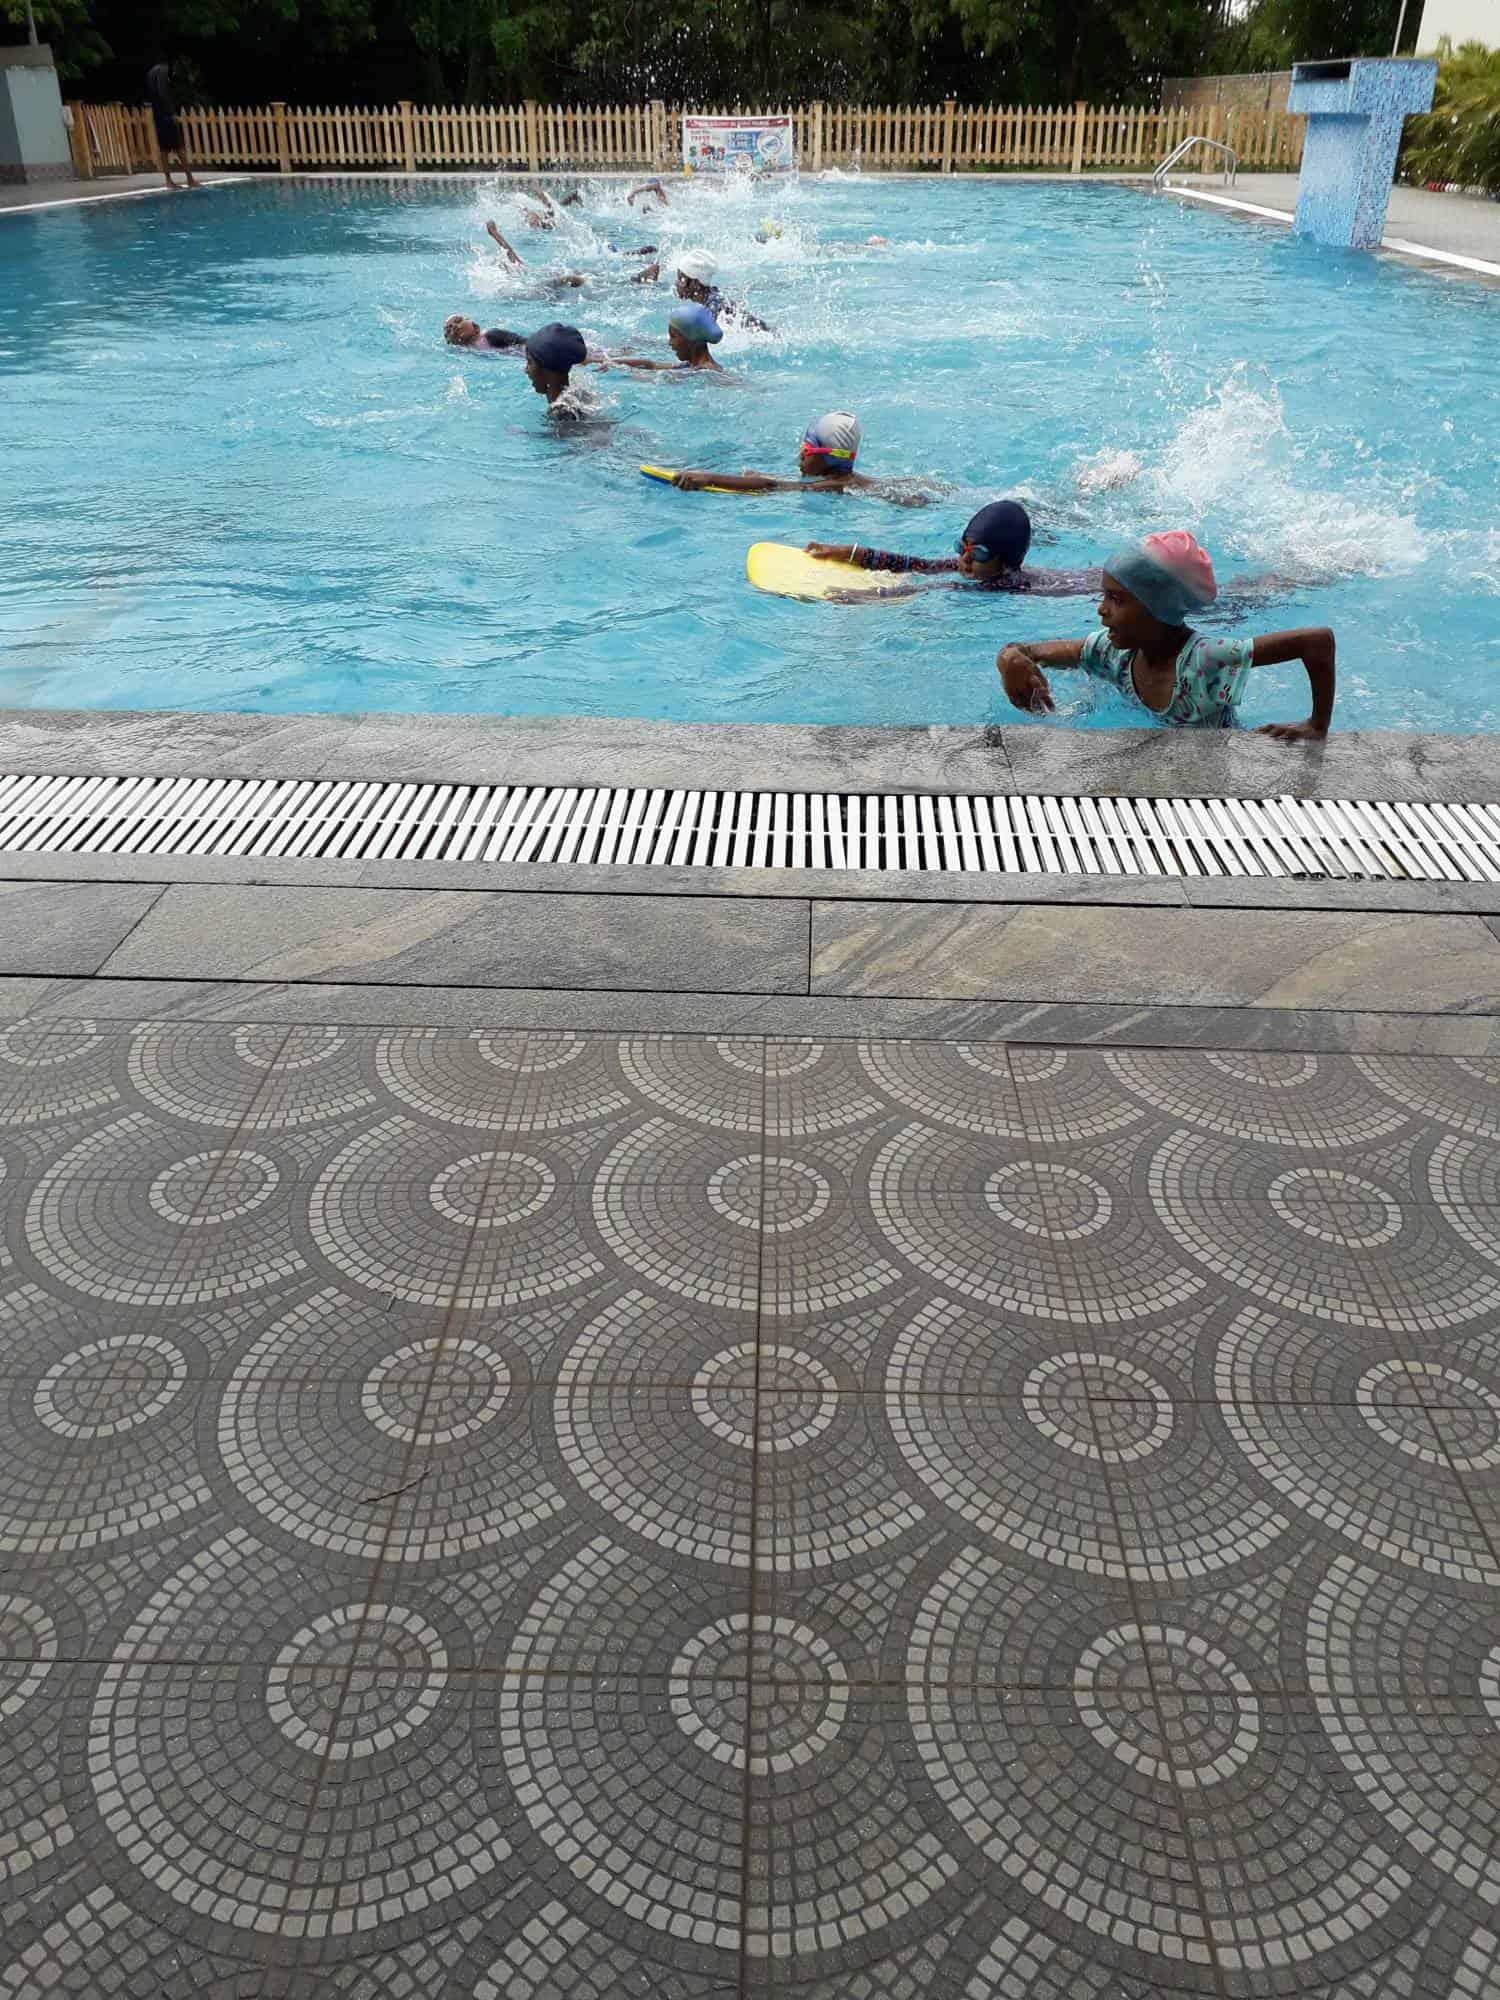 Top Swimming Pools In Jayalakshmipuram Best Swimming Pool Memberships Justdial